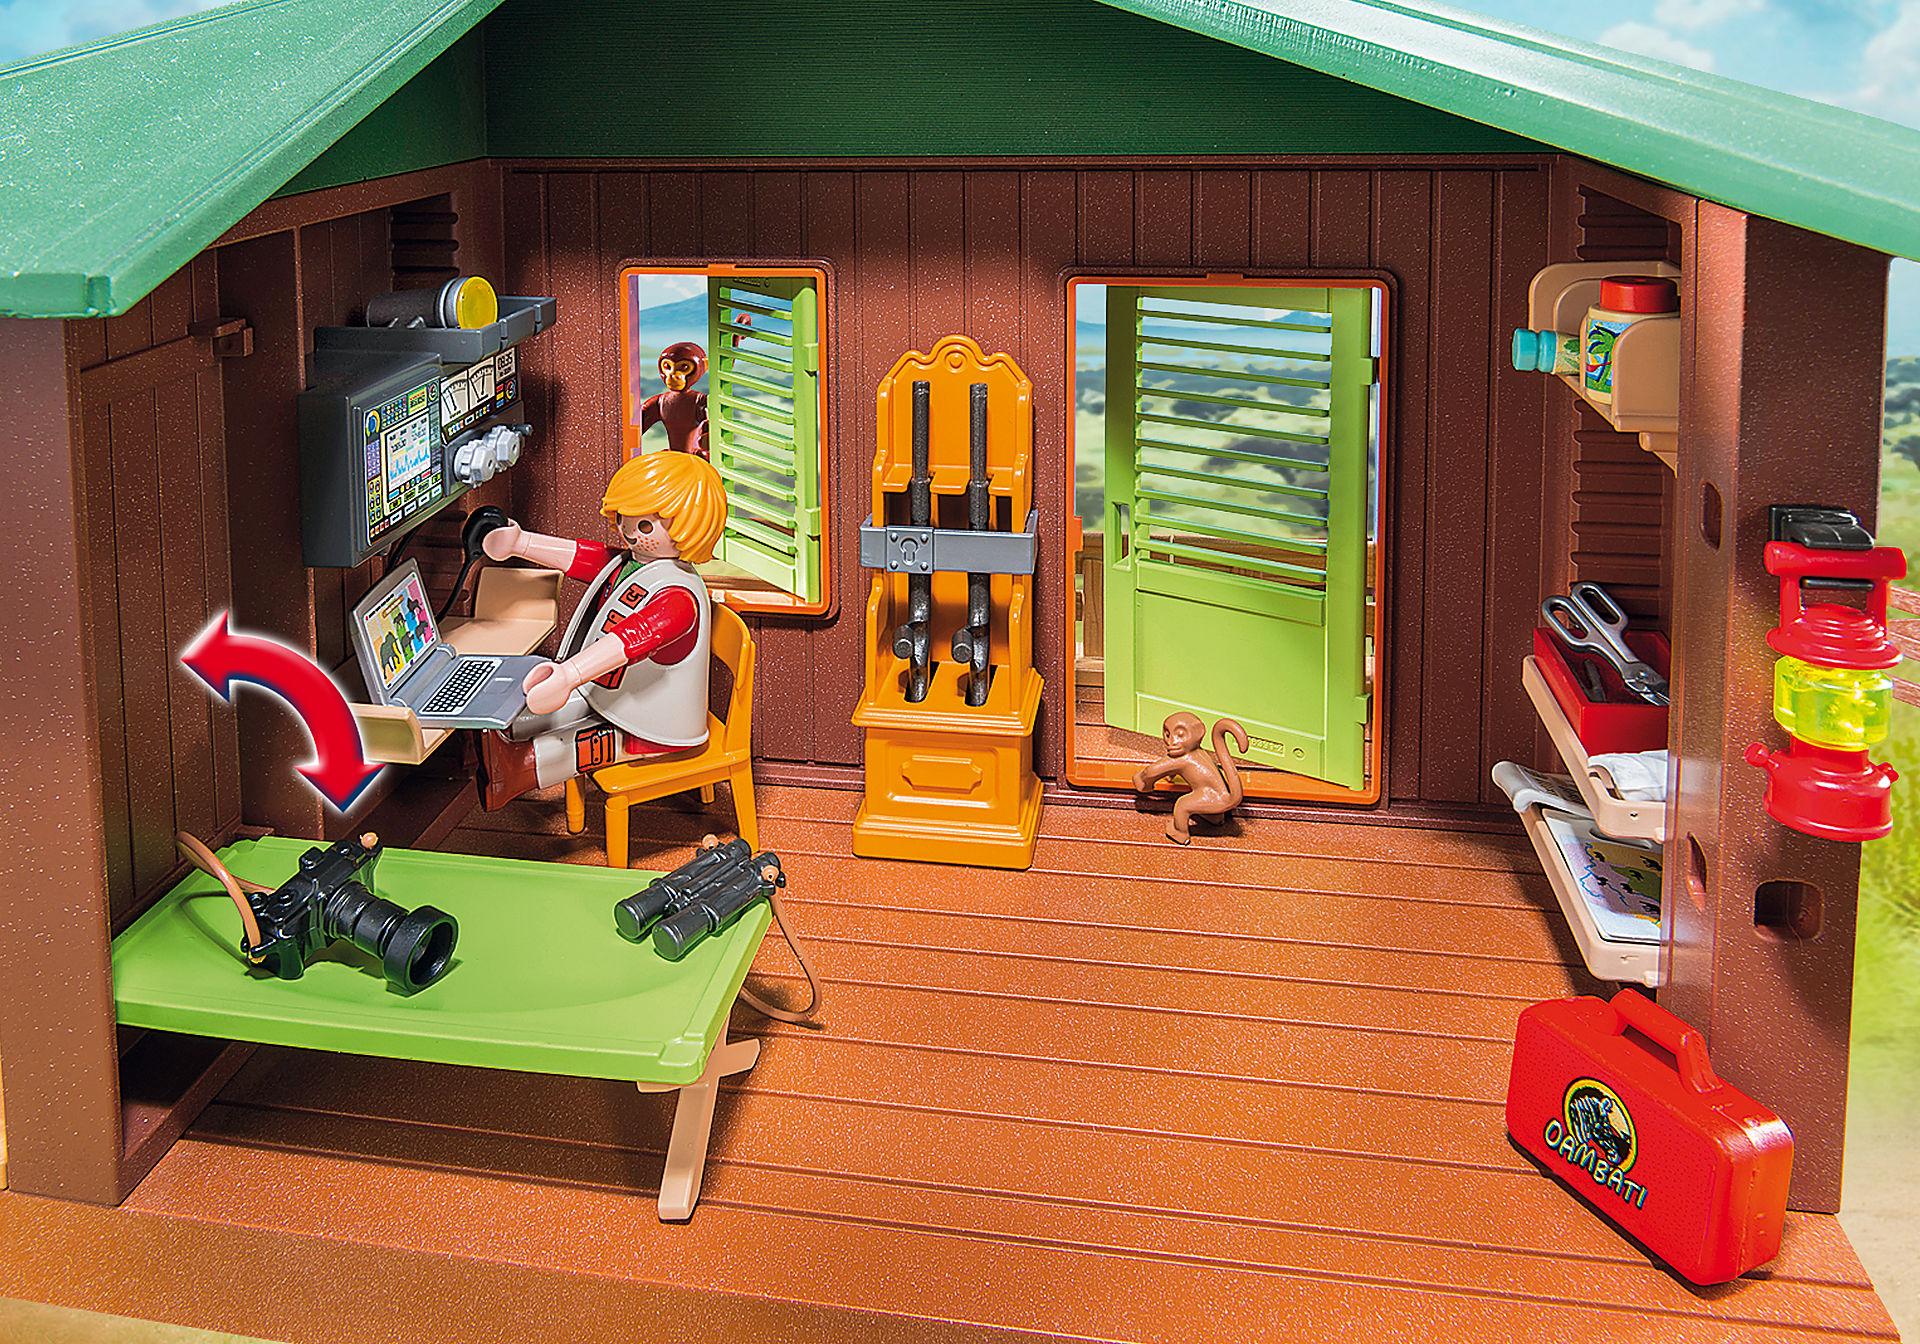 http://media.playmobil.com/i/playmobil/6936_product_extra2/Vaktstuga för skadade djur